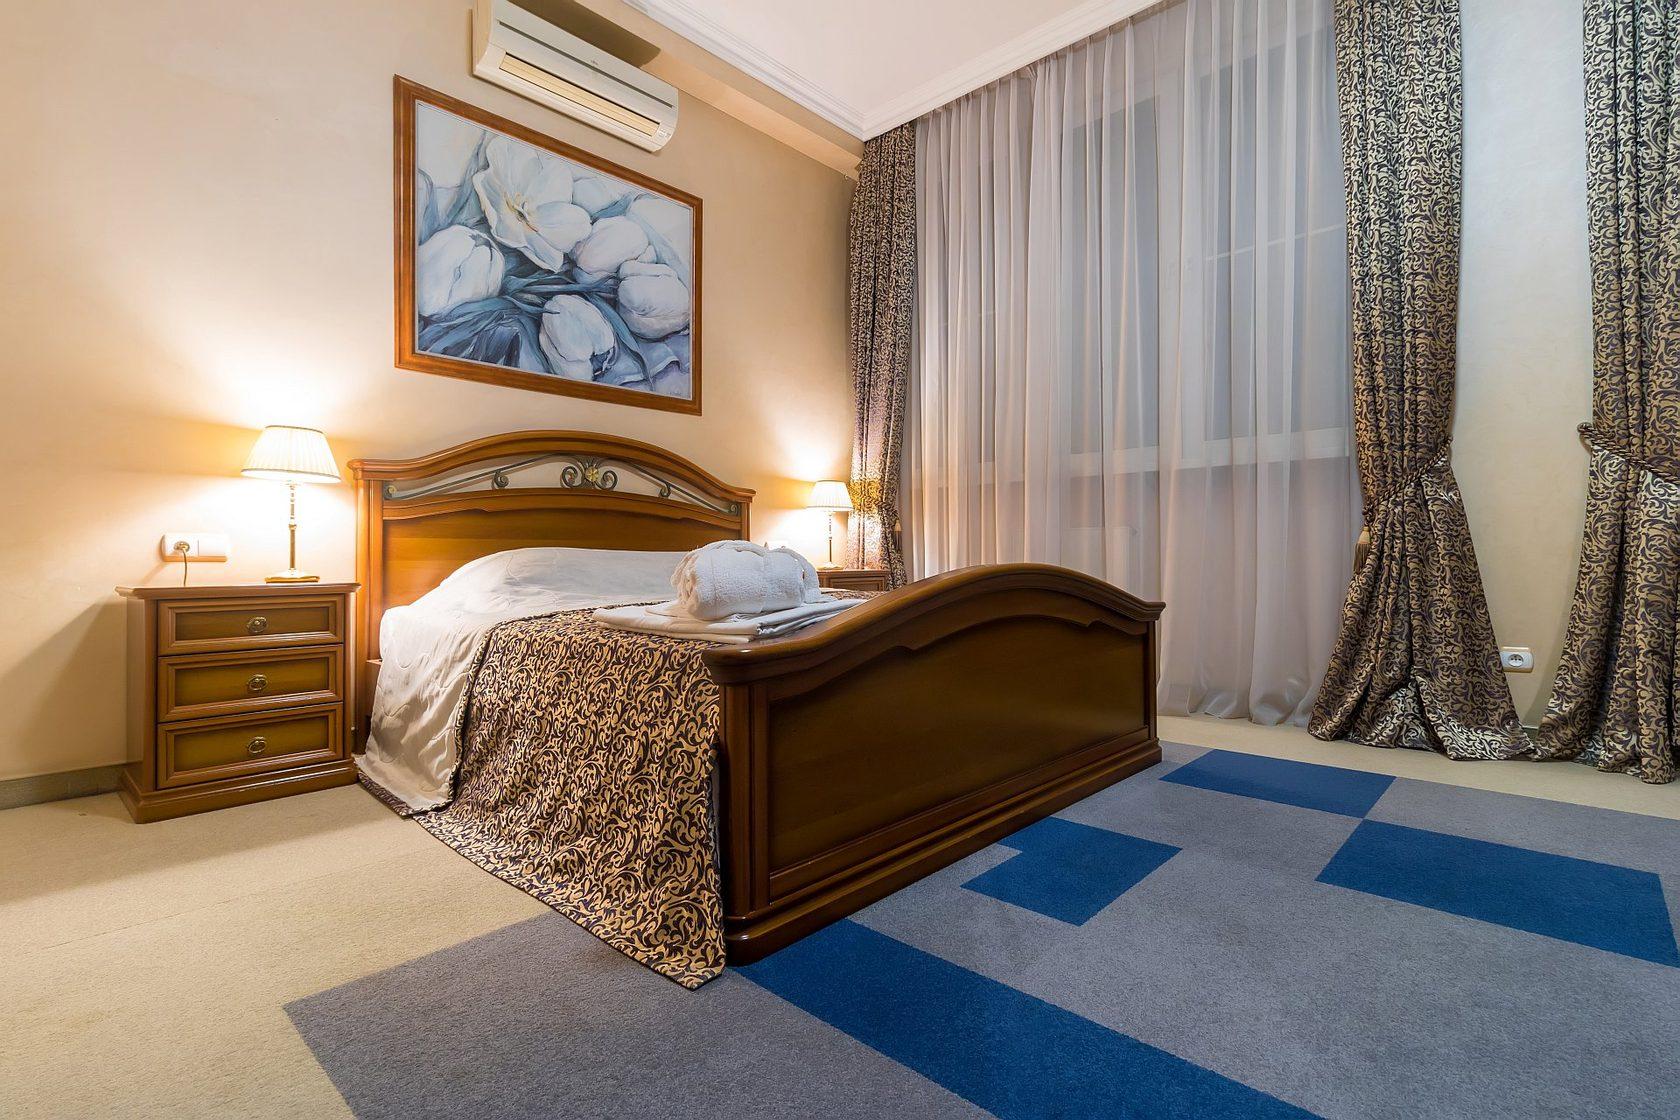 апартаменты 39 калининград